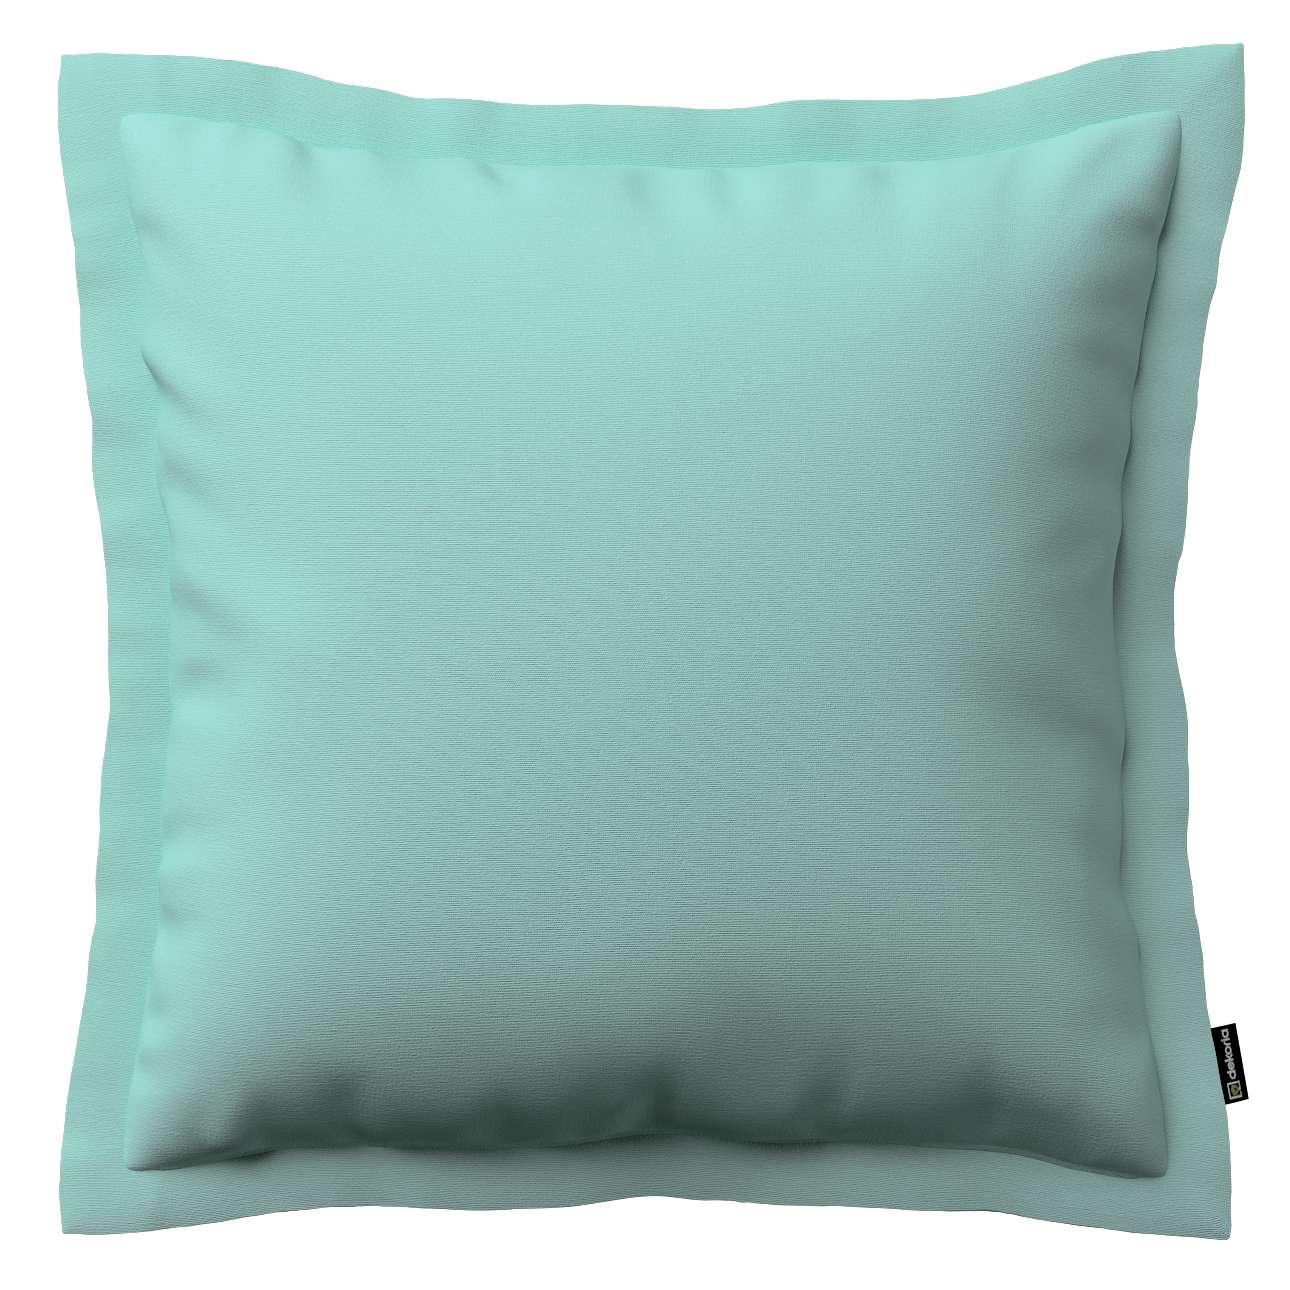 Poszewka Mona na poduszkę 38x38 cm w kolekcji Loneta, tkanina: 133-32